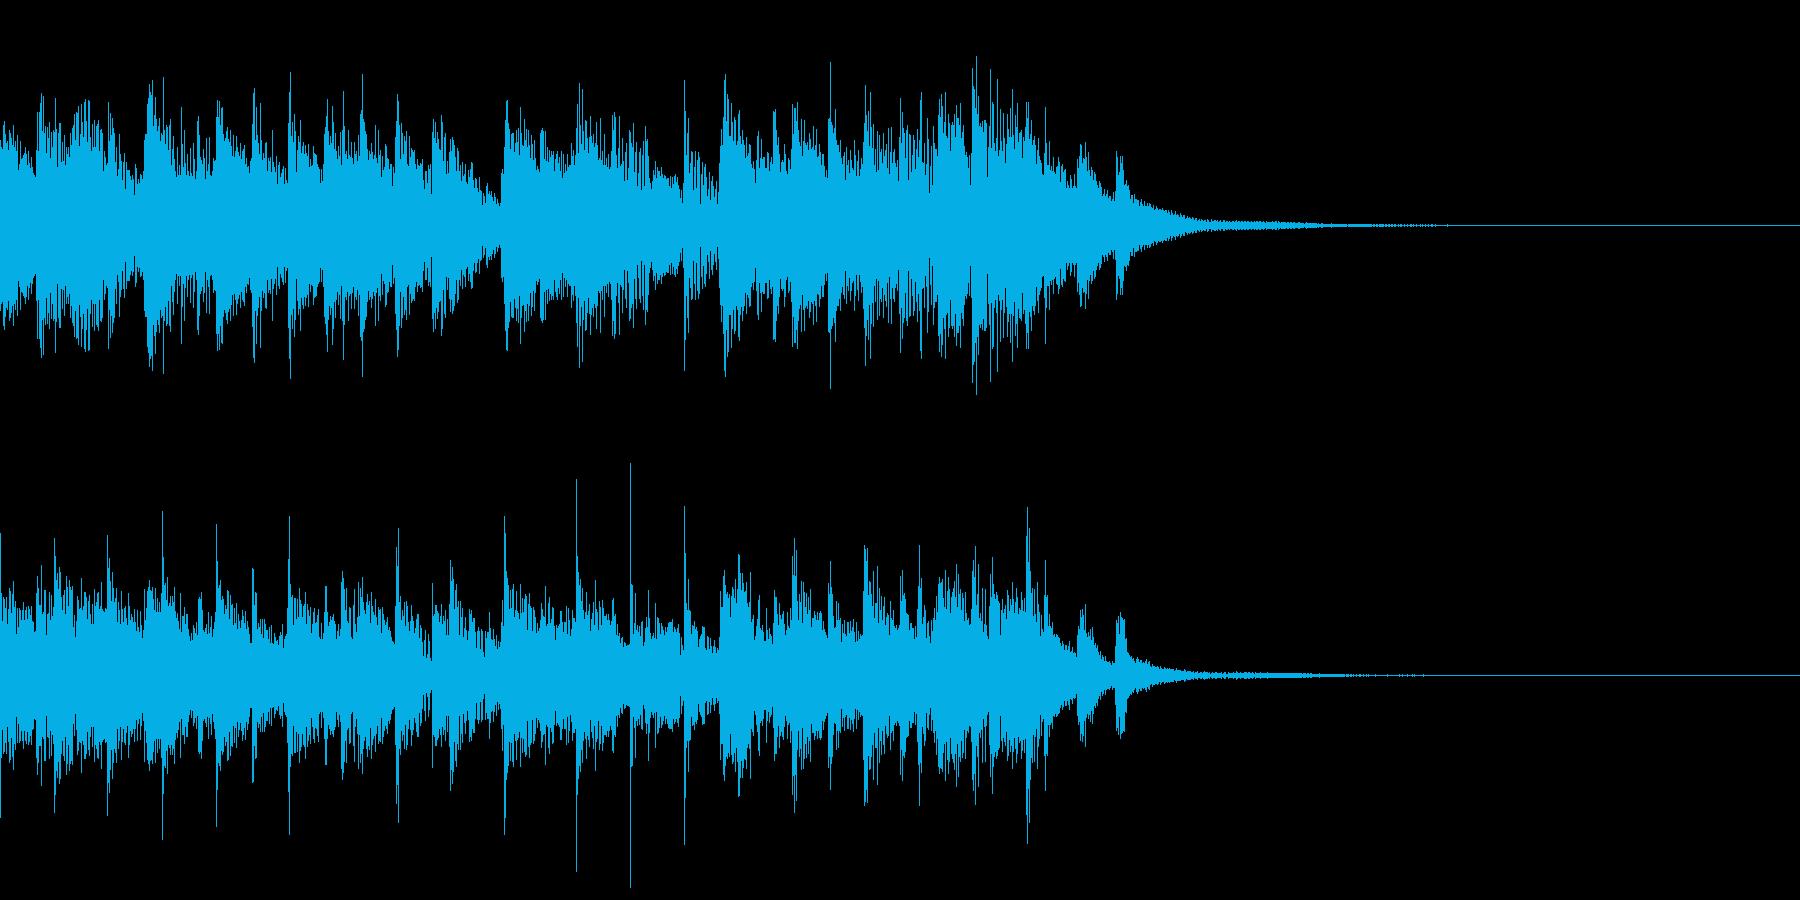 箏(琴)とエレクトロの和風なジングルの再生済みの波形